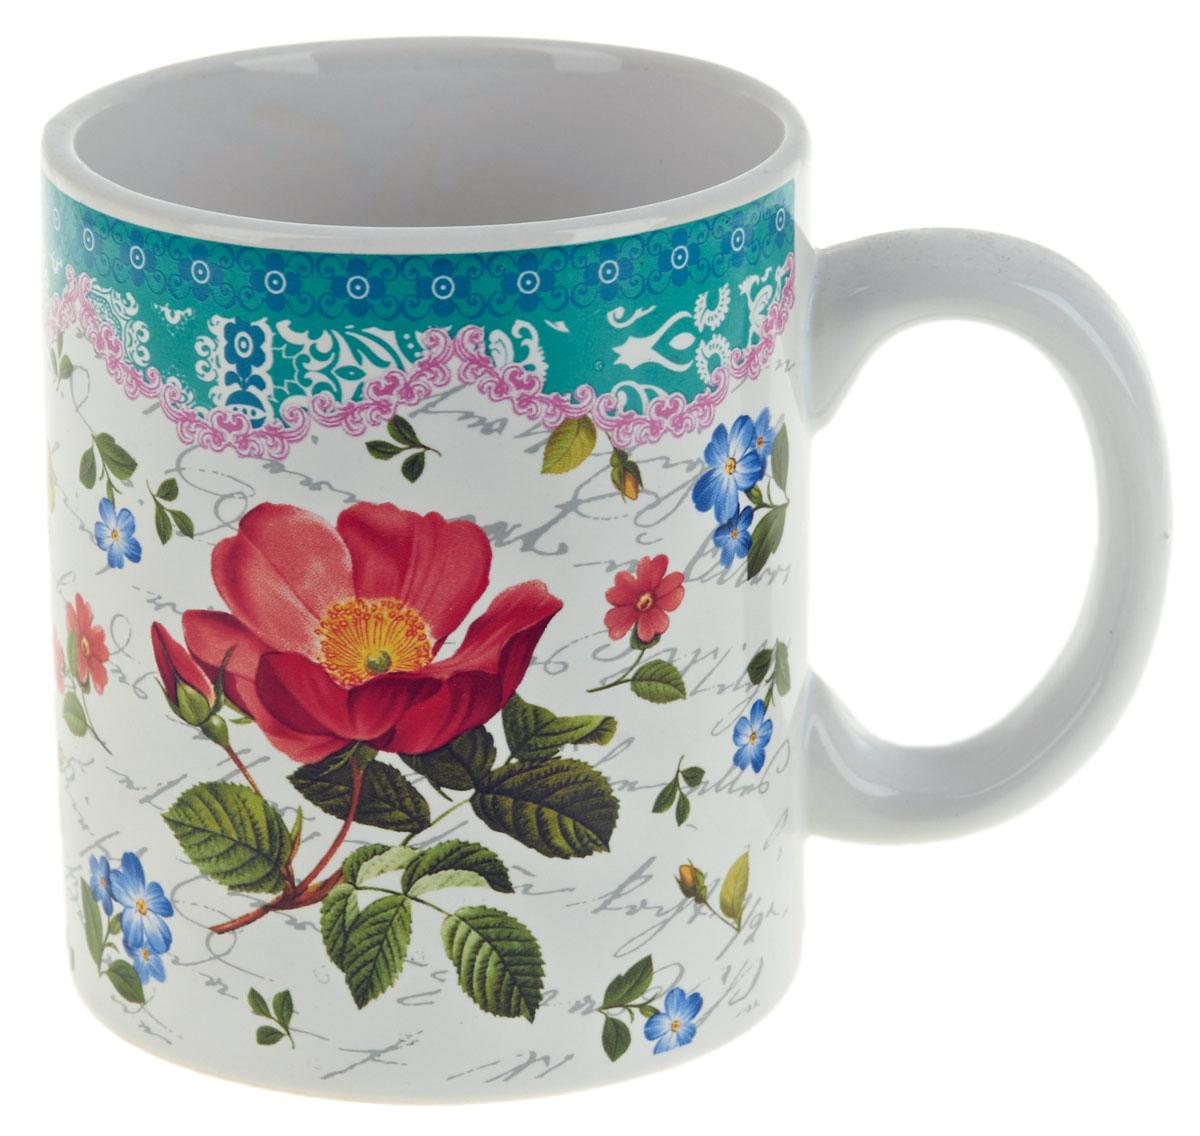 Кружка ENS Group Цветочная поэма, 400 мл. 06601190660119Кружка Цветочная поэма выполнена из высококачественной керамики. Снаружи она декорирована ярким рисунком. Кружка сочетает в себе оригинальный дизайн и функциональность. Благодаря такой кружке пить напитки будет еще вкуснее. Упакована в подарочную упаковку, что может послужть отличным подарком родным и близким!